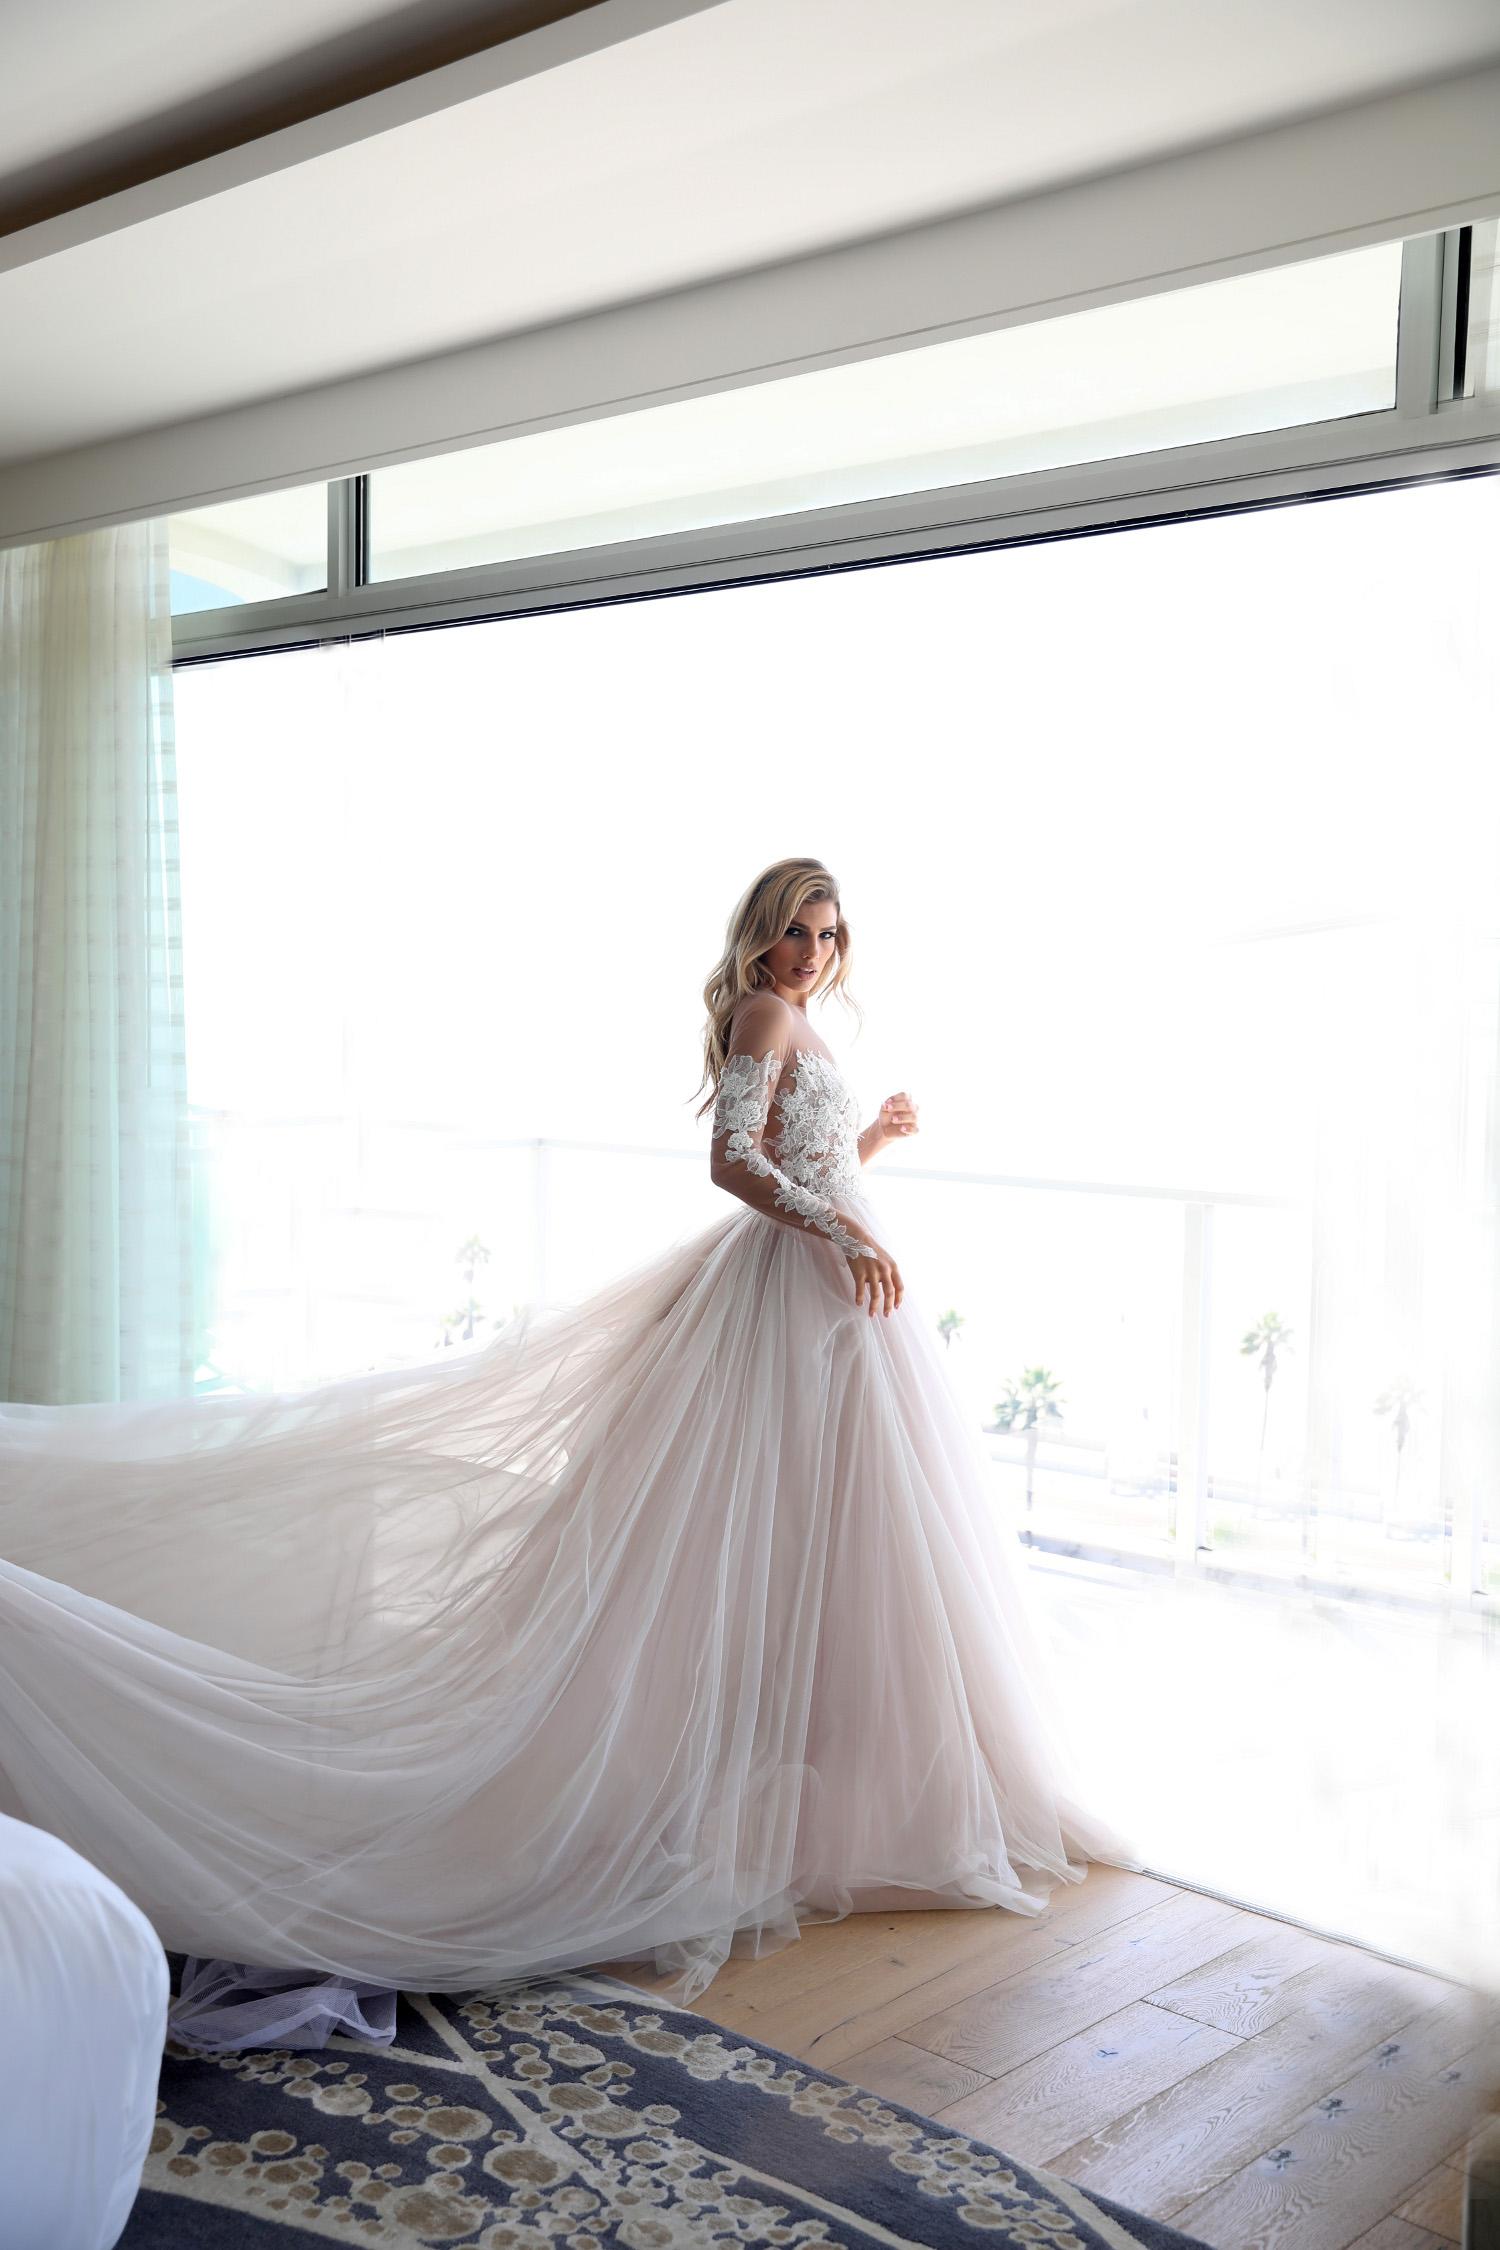 Erin Cole - Ava3 - Brautsalat